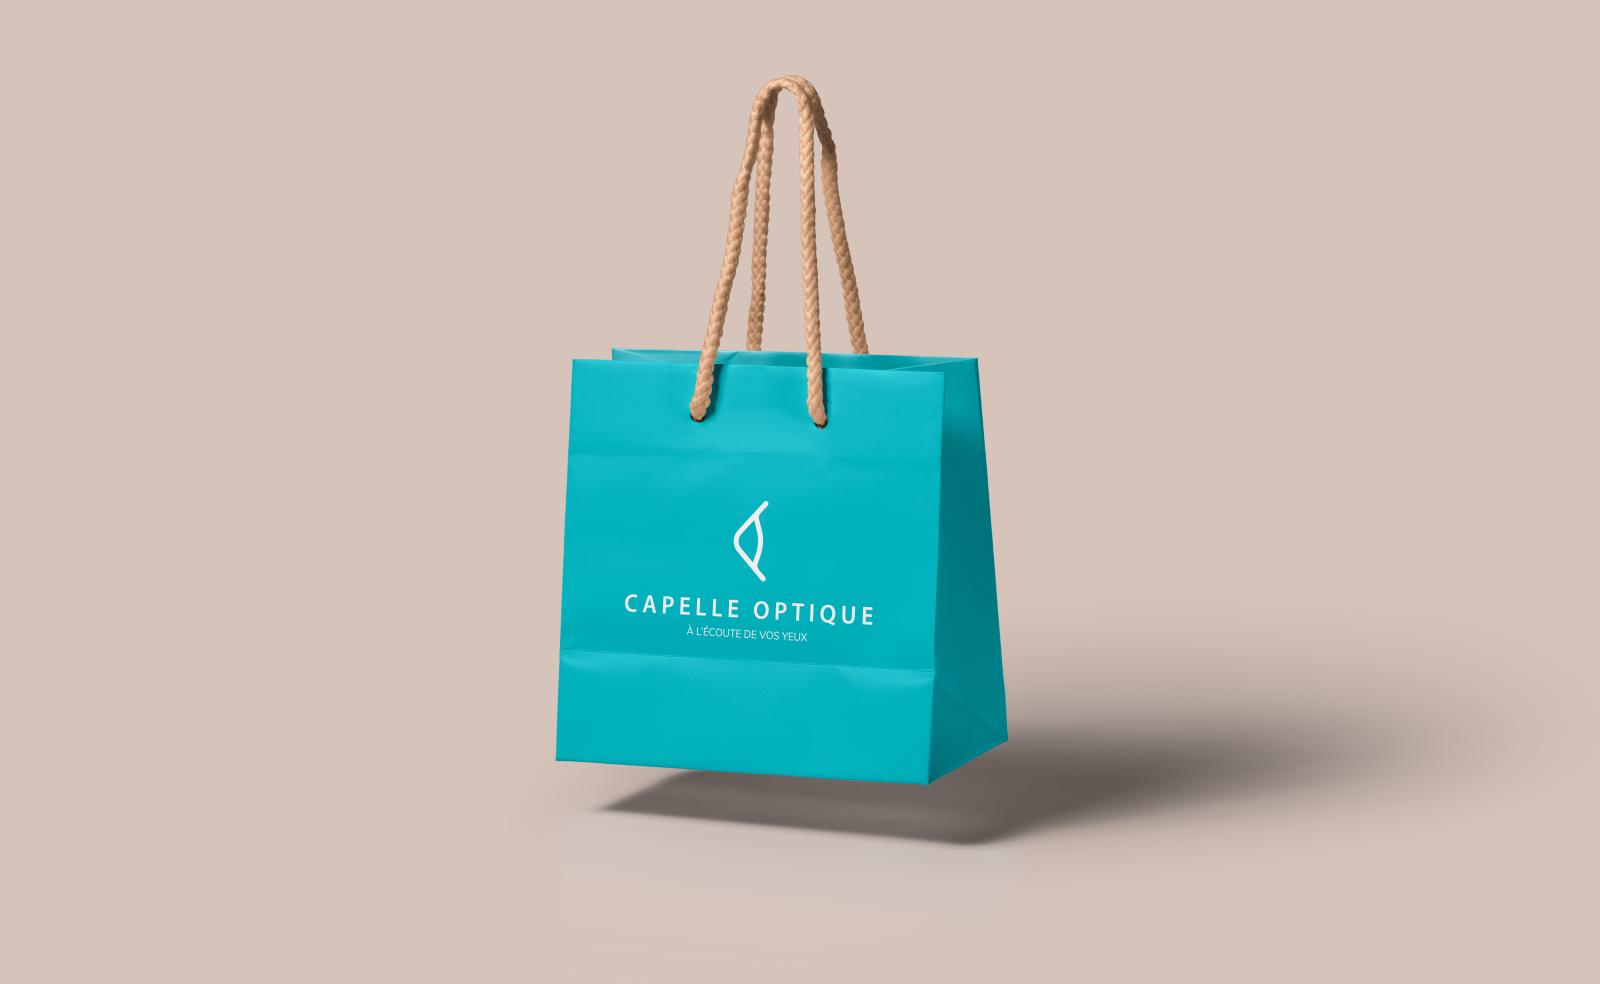 2_Capelle optique